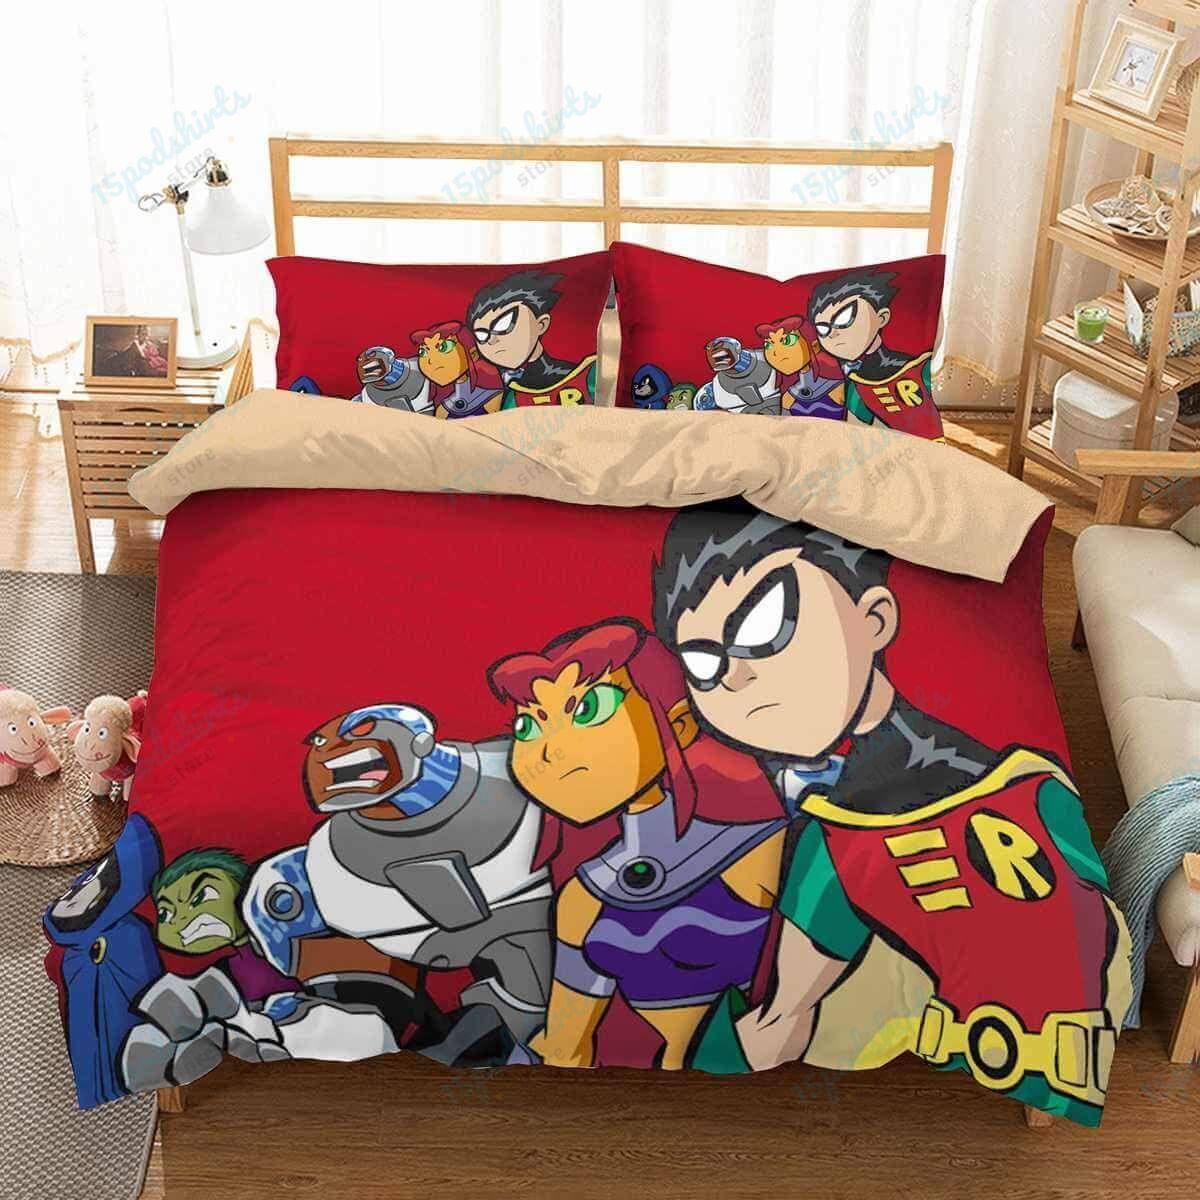 Teen Titans 4 Duvet Cover Bedding Set